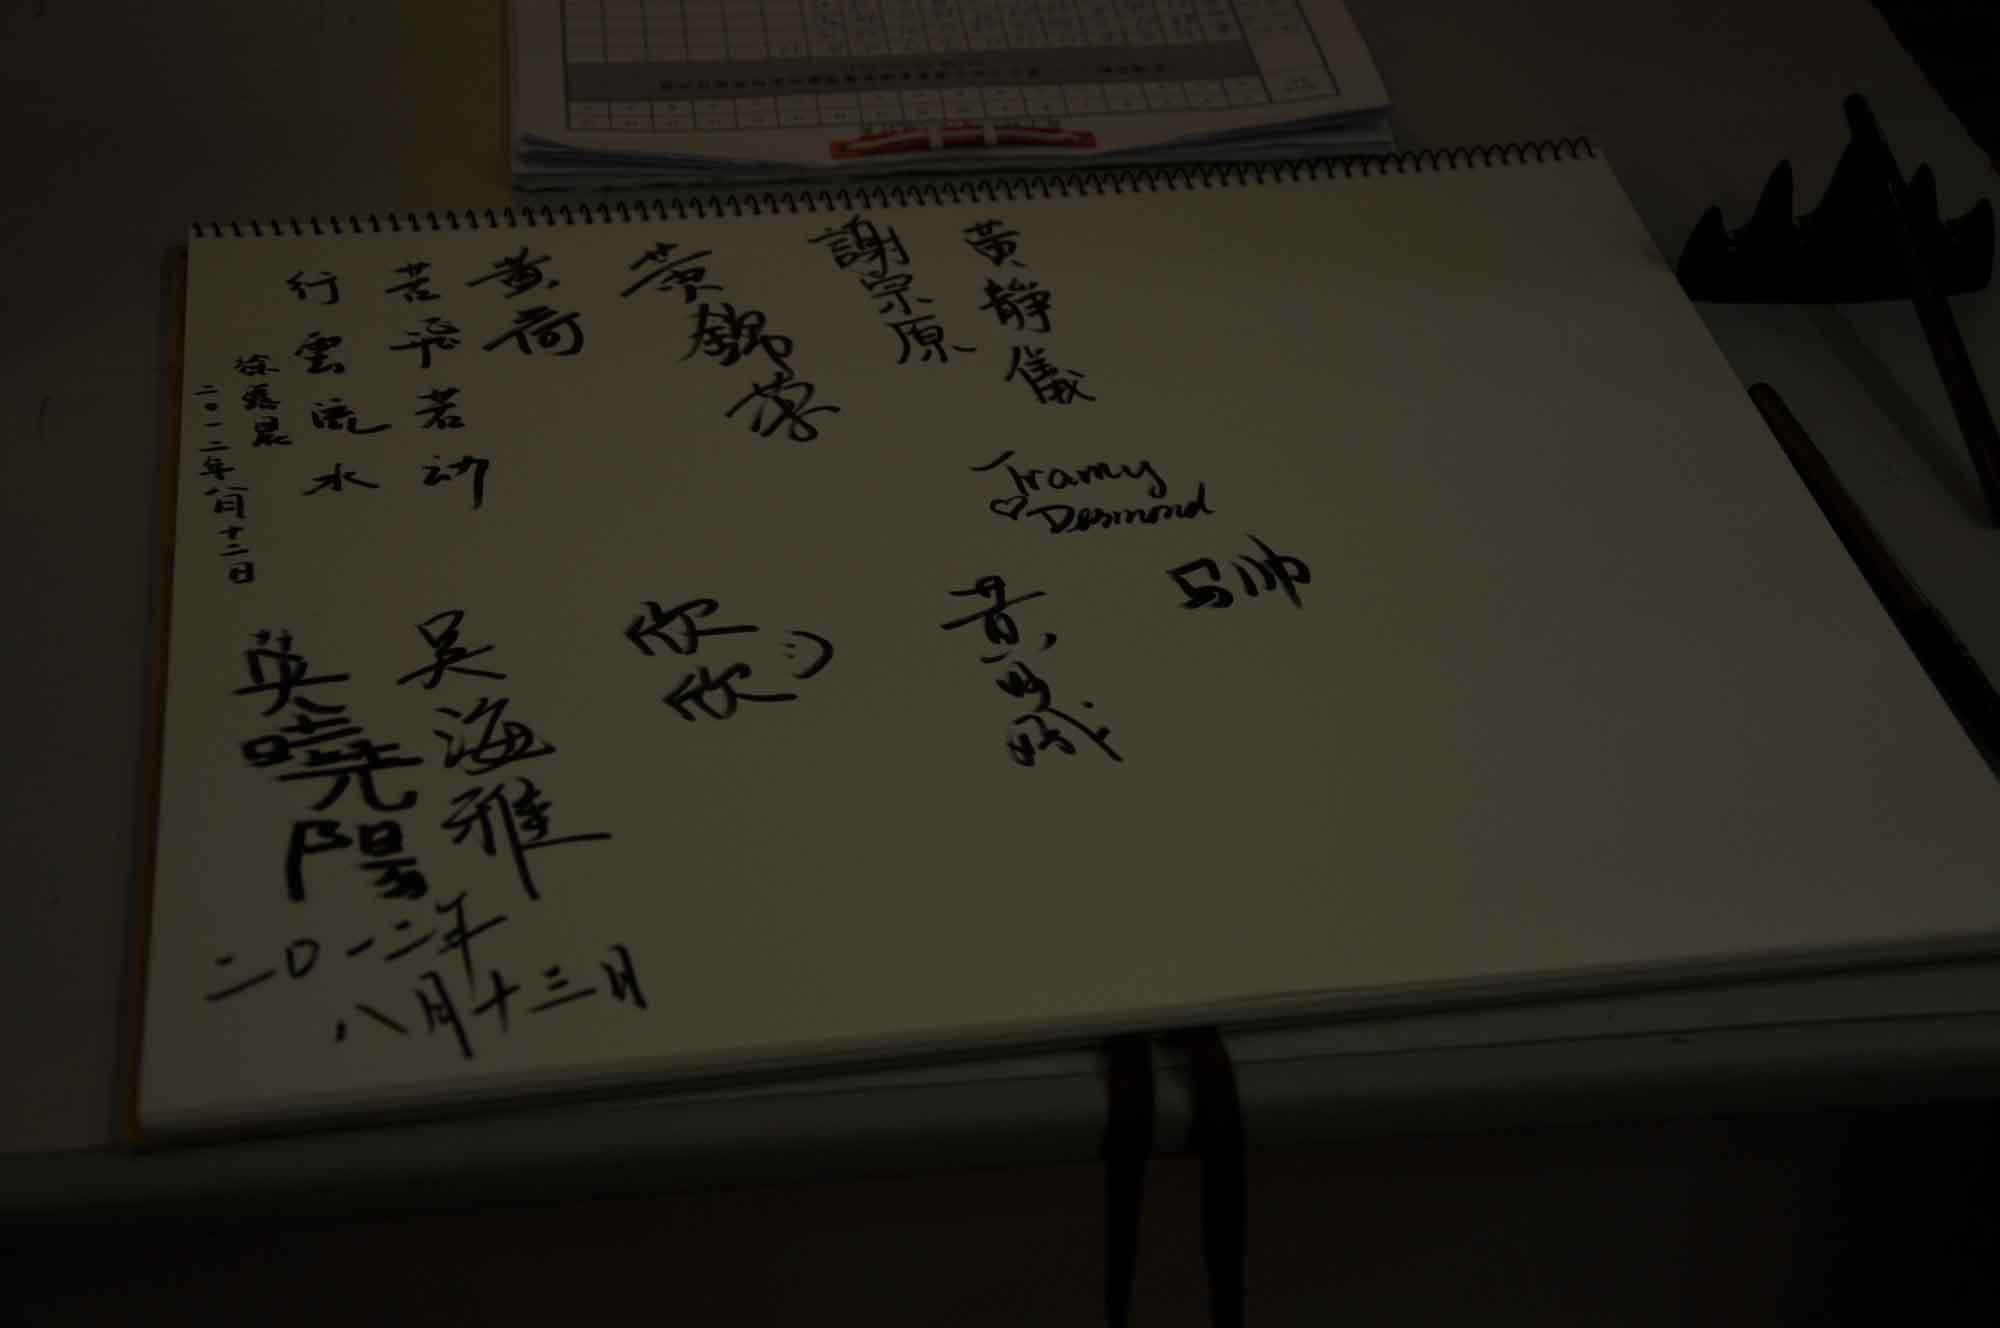 Lou Lim Ieoc Garden calligraphy book